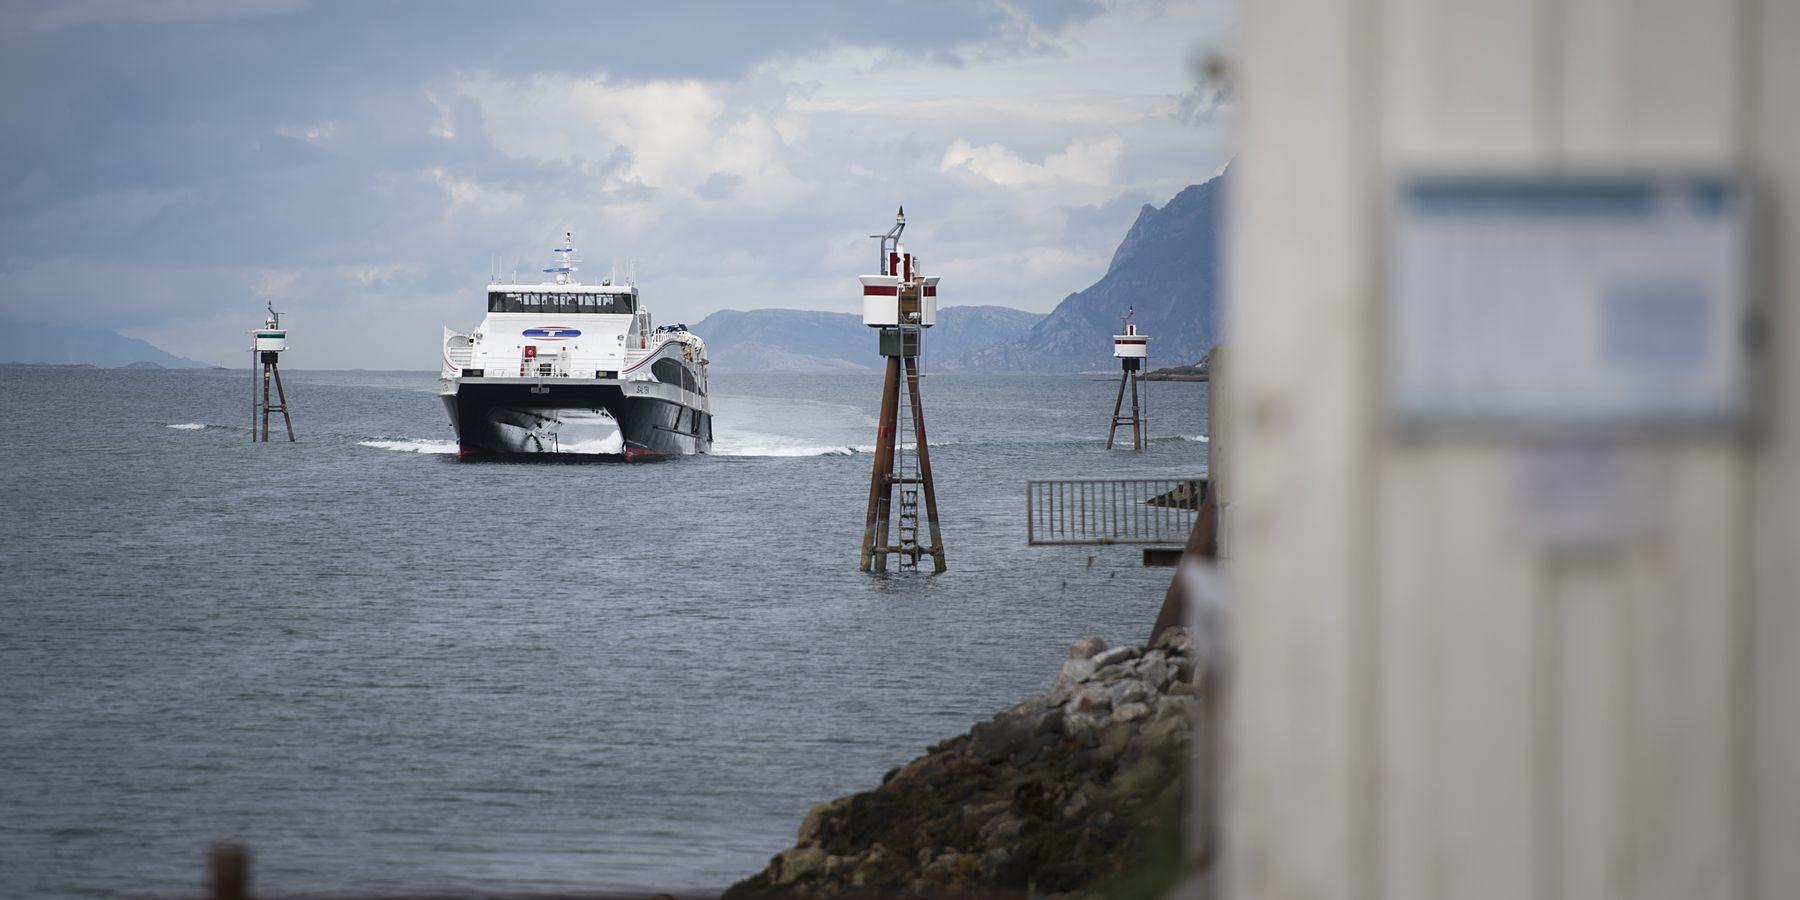 Bodø - Doets Reizen - Vakantie Noorwegen - VisitNorway